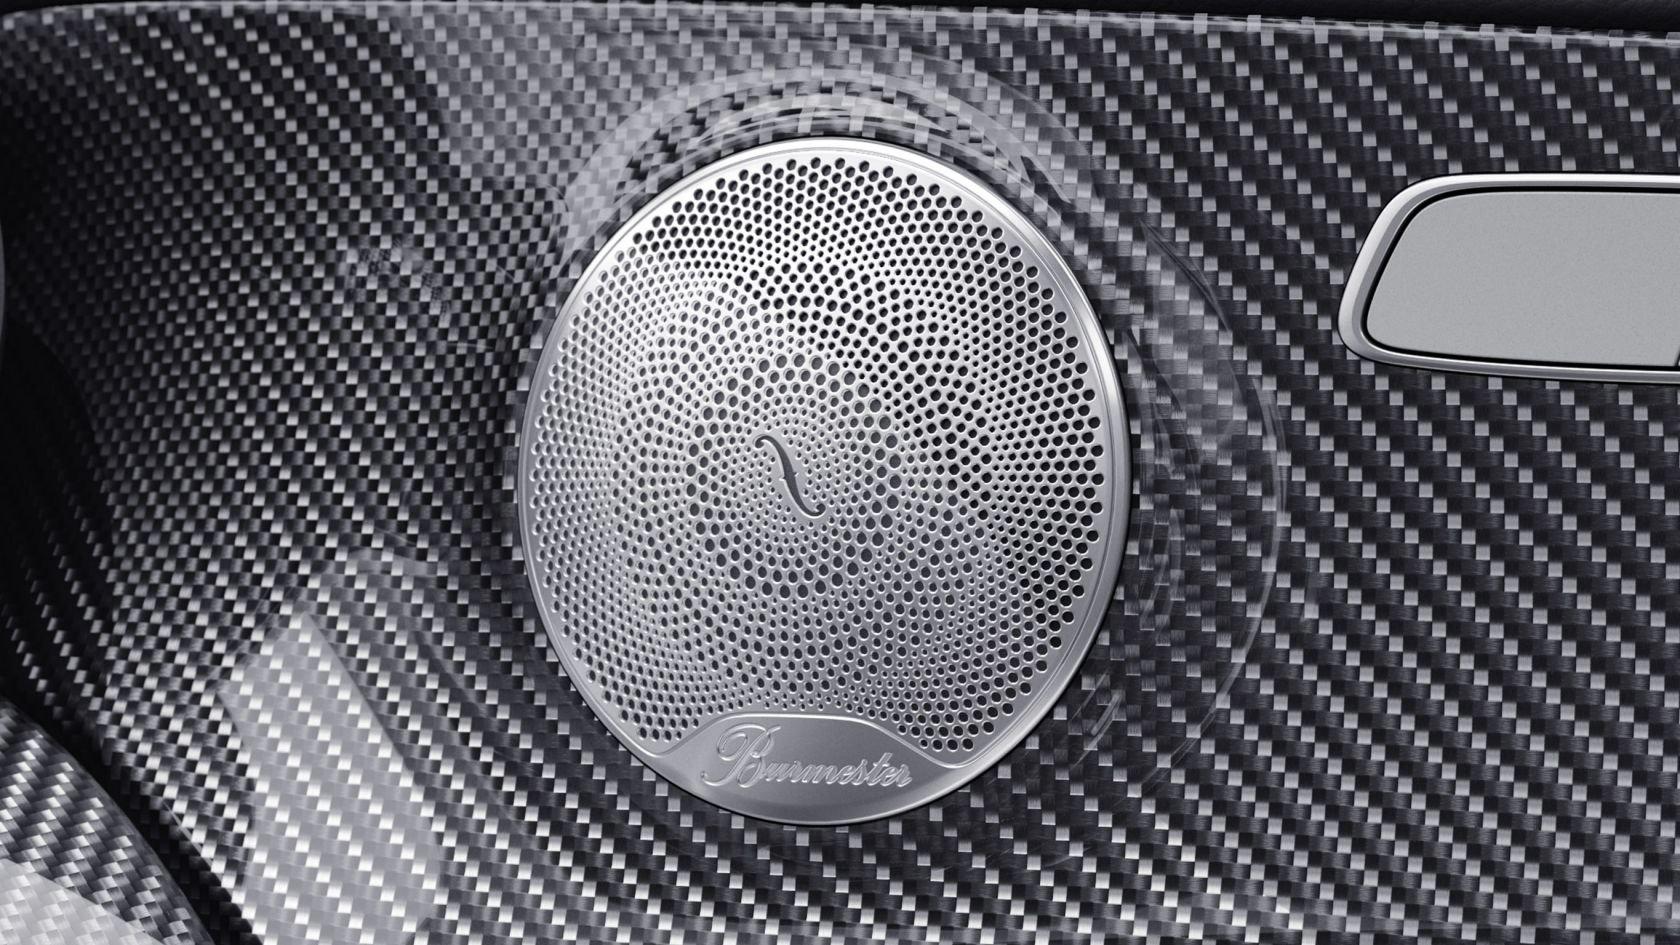 Акустична система об'ємного звучання Burmester® високого рівня